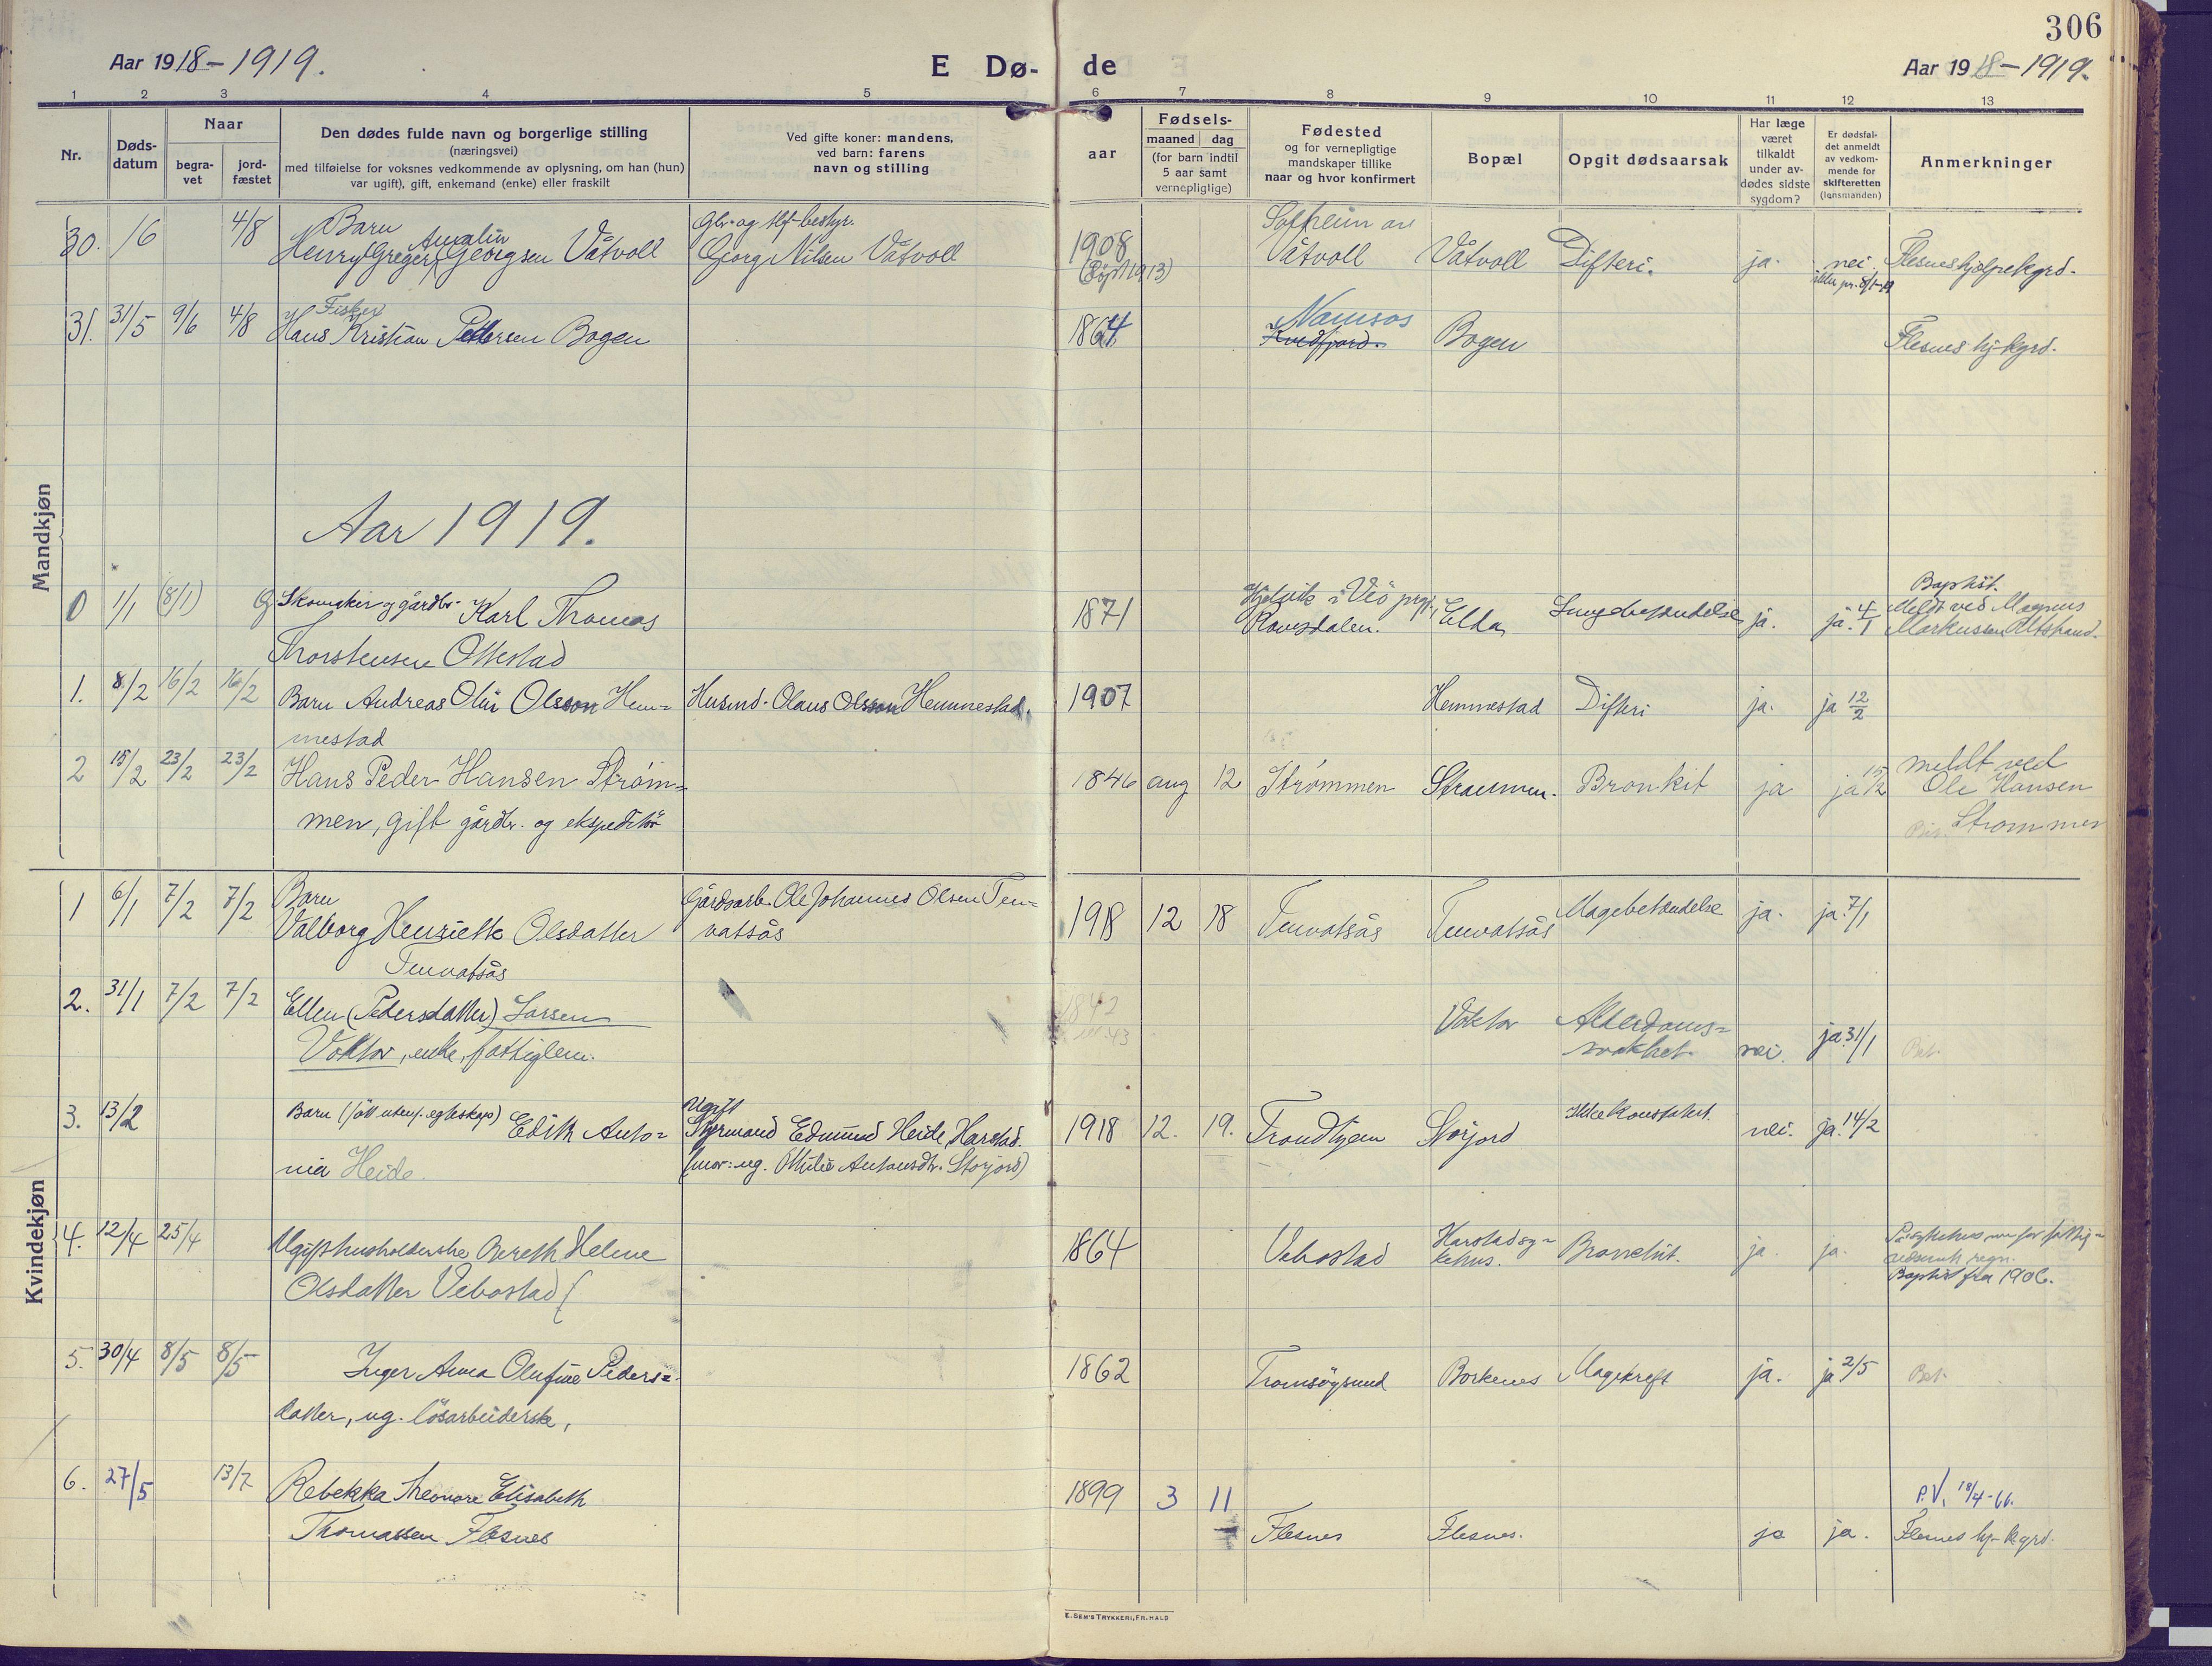 SATØ, Kvæfjord sokneprestkontor, G/Ga/Gaa/L0007kirke: Ministerialbok nr. 7, 1915-1931, s. 306